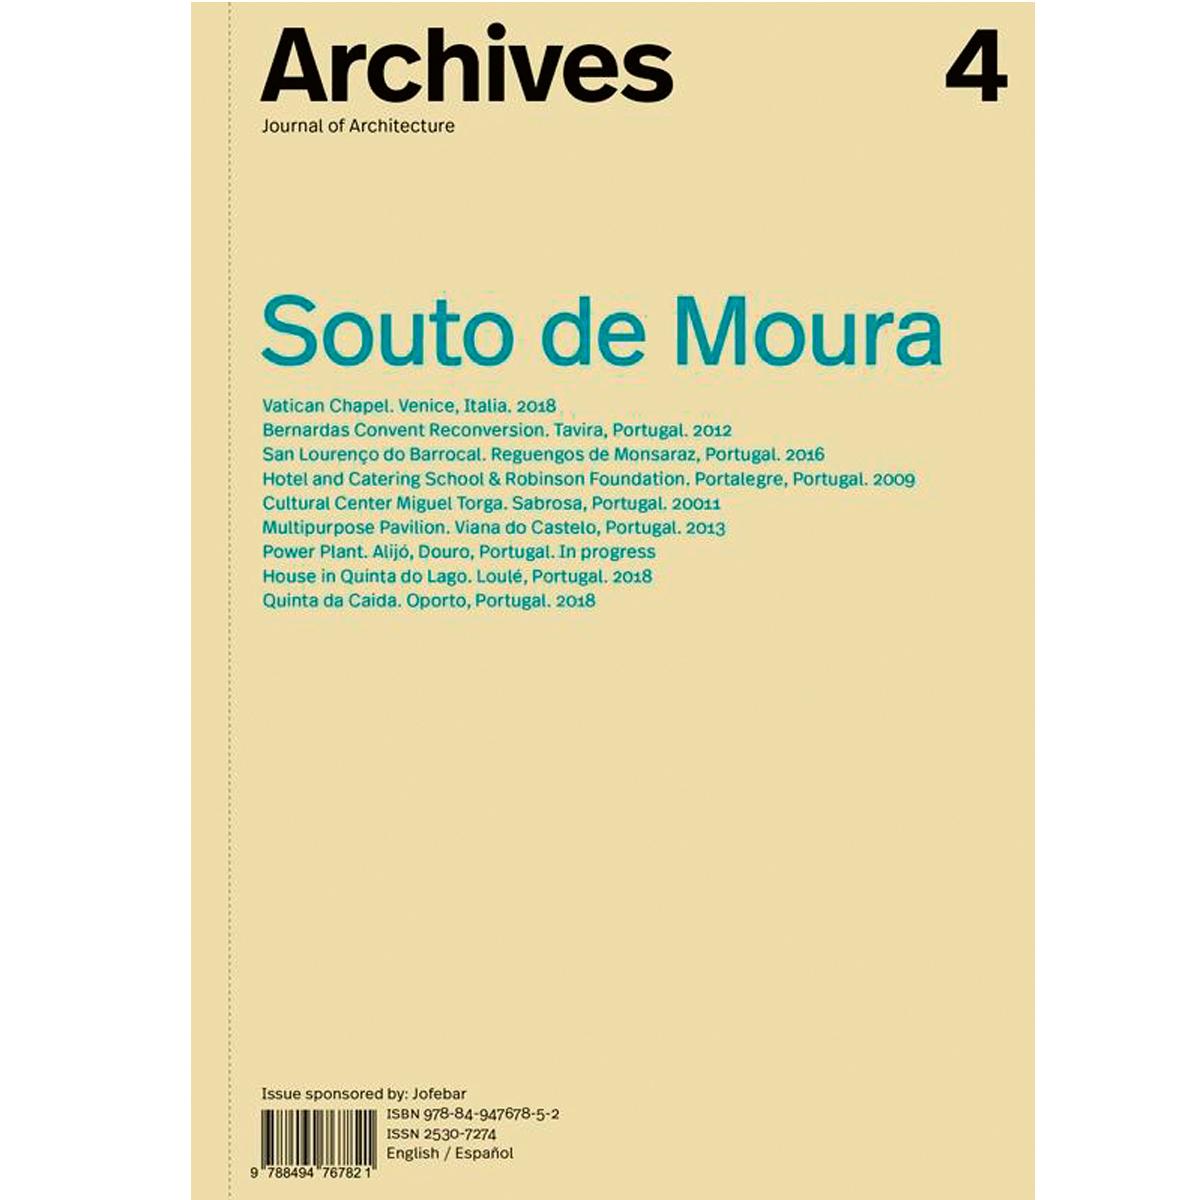 Archives: Souto de Moura